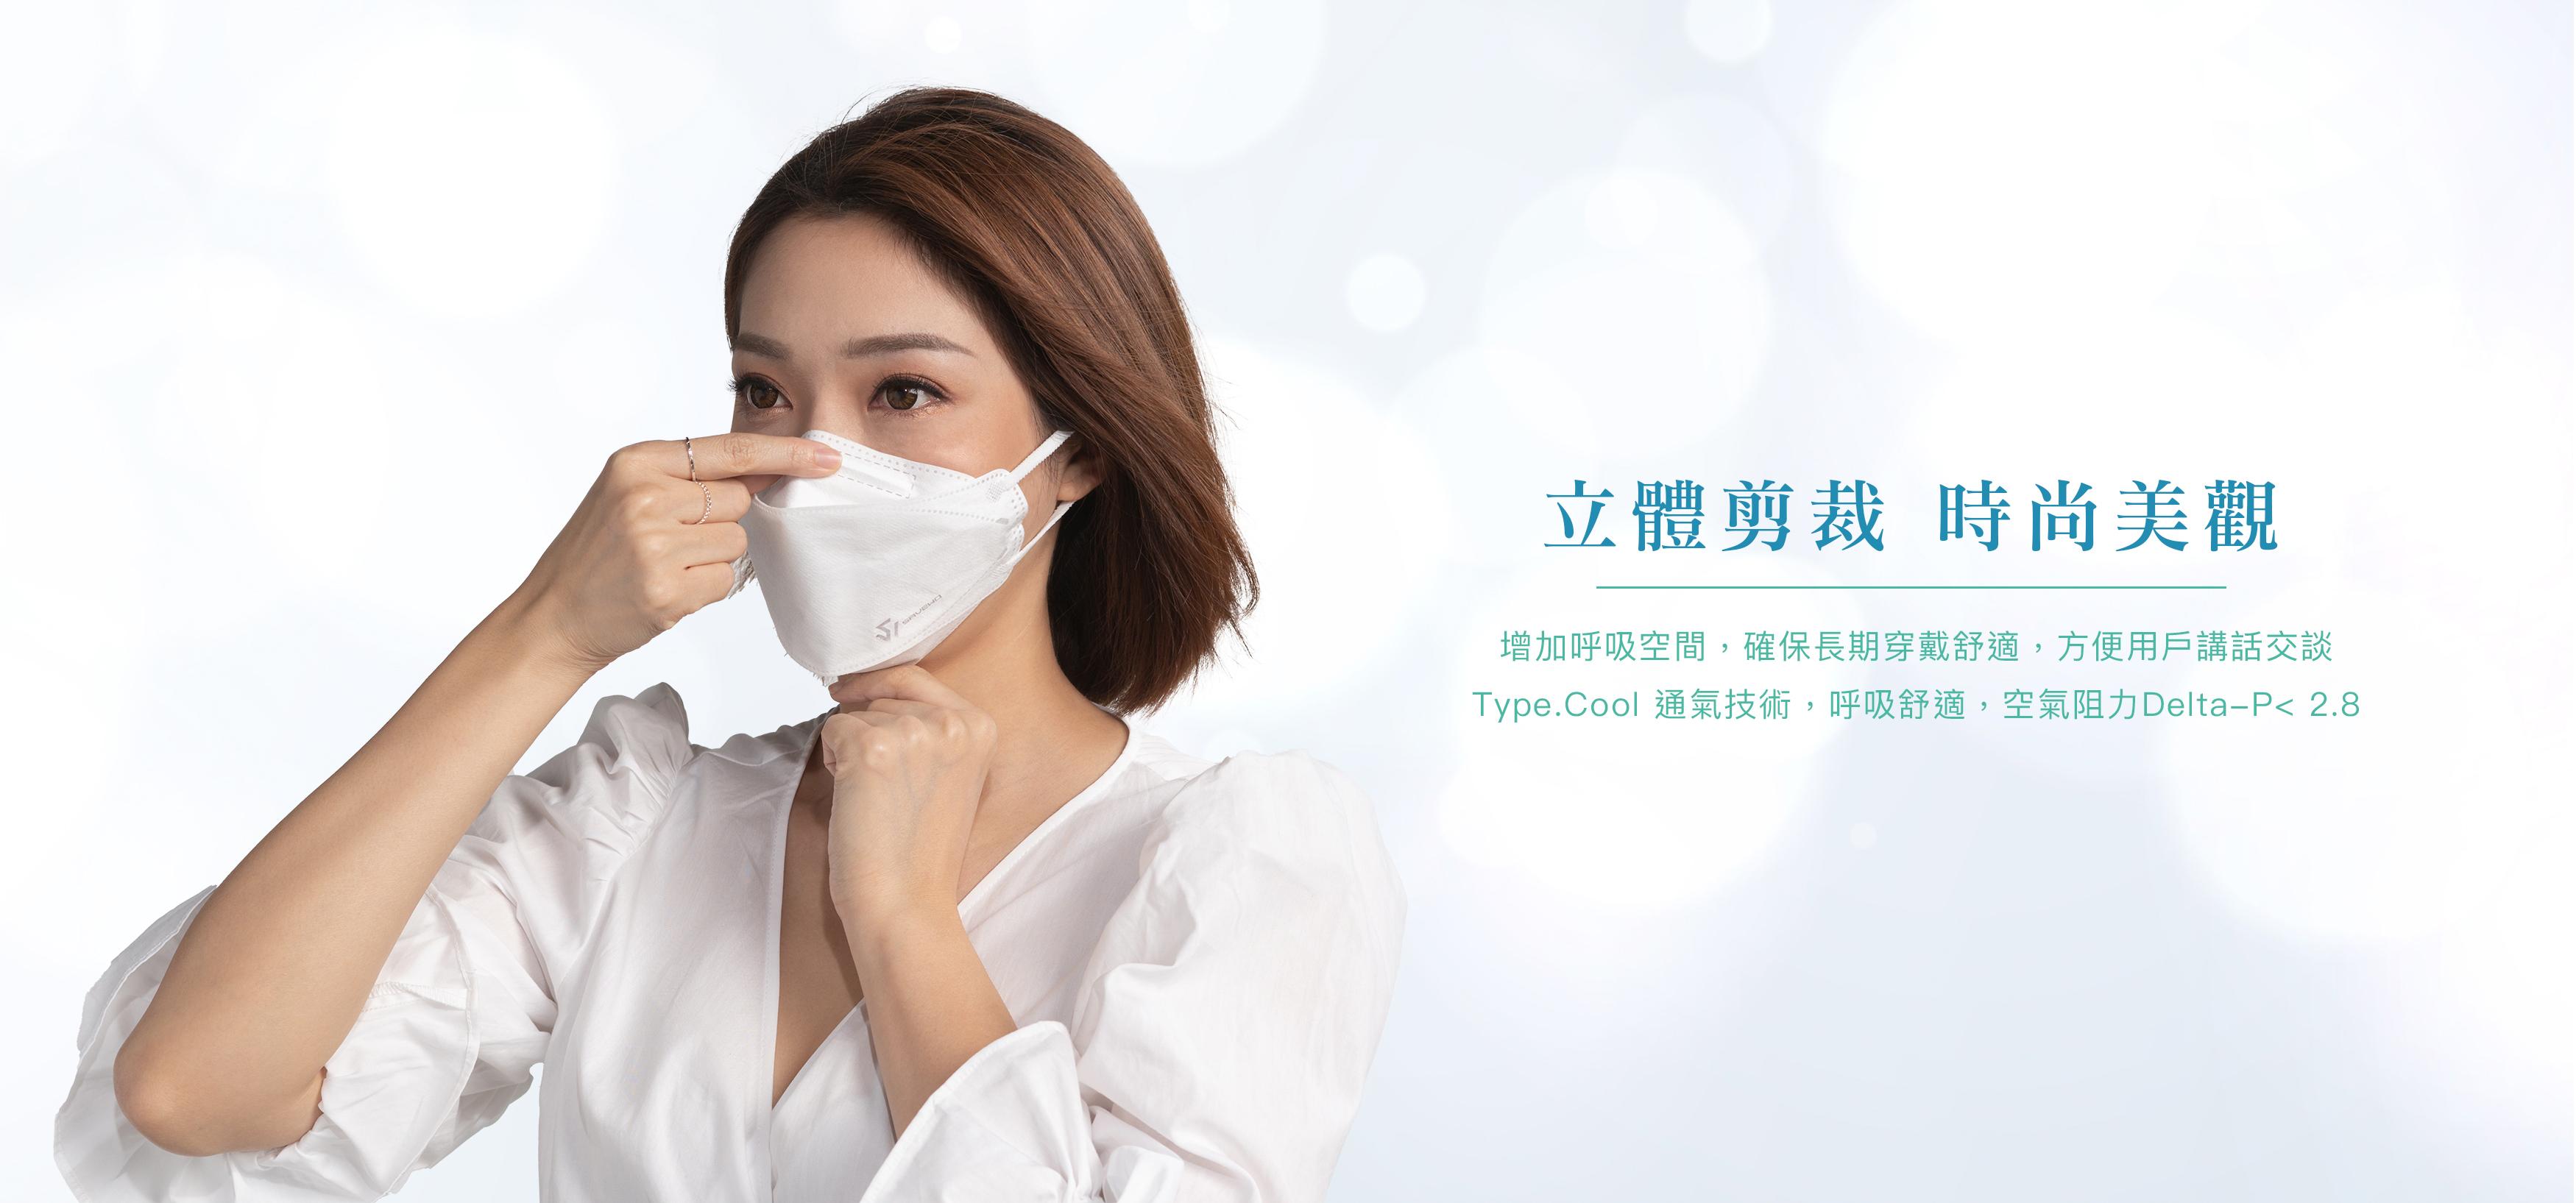 mask-savew-v2c2.jpg